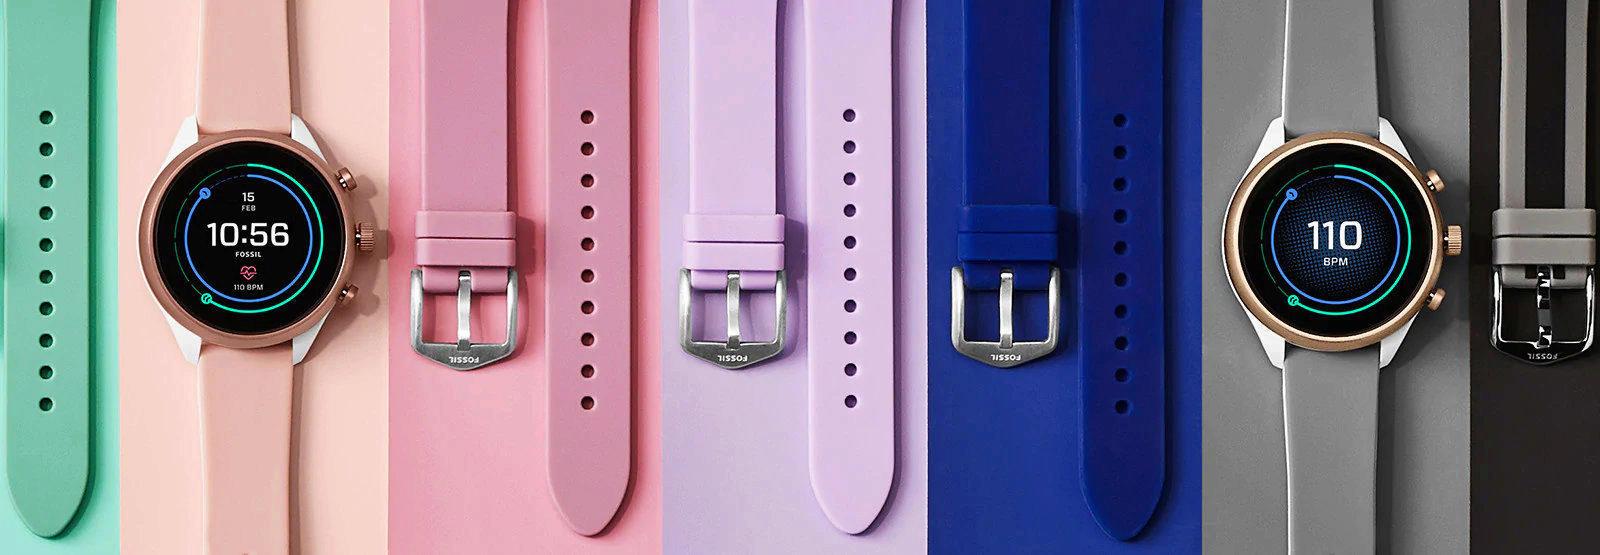 Fossil Sport jsou první levnější chytré hodinky s čipsetem nové generace cc5abbf0b4